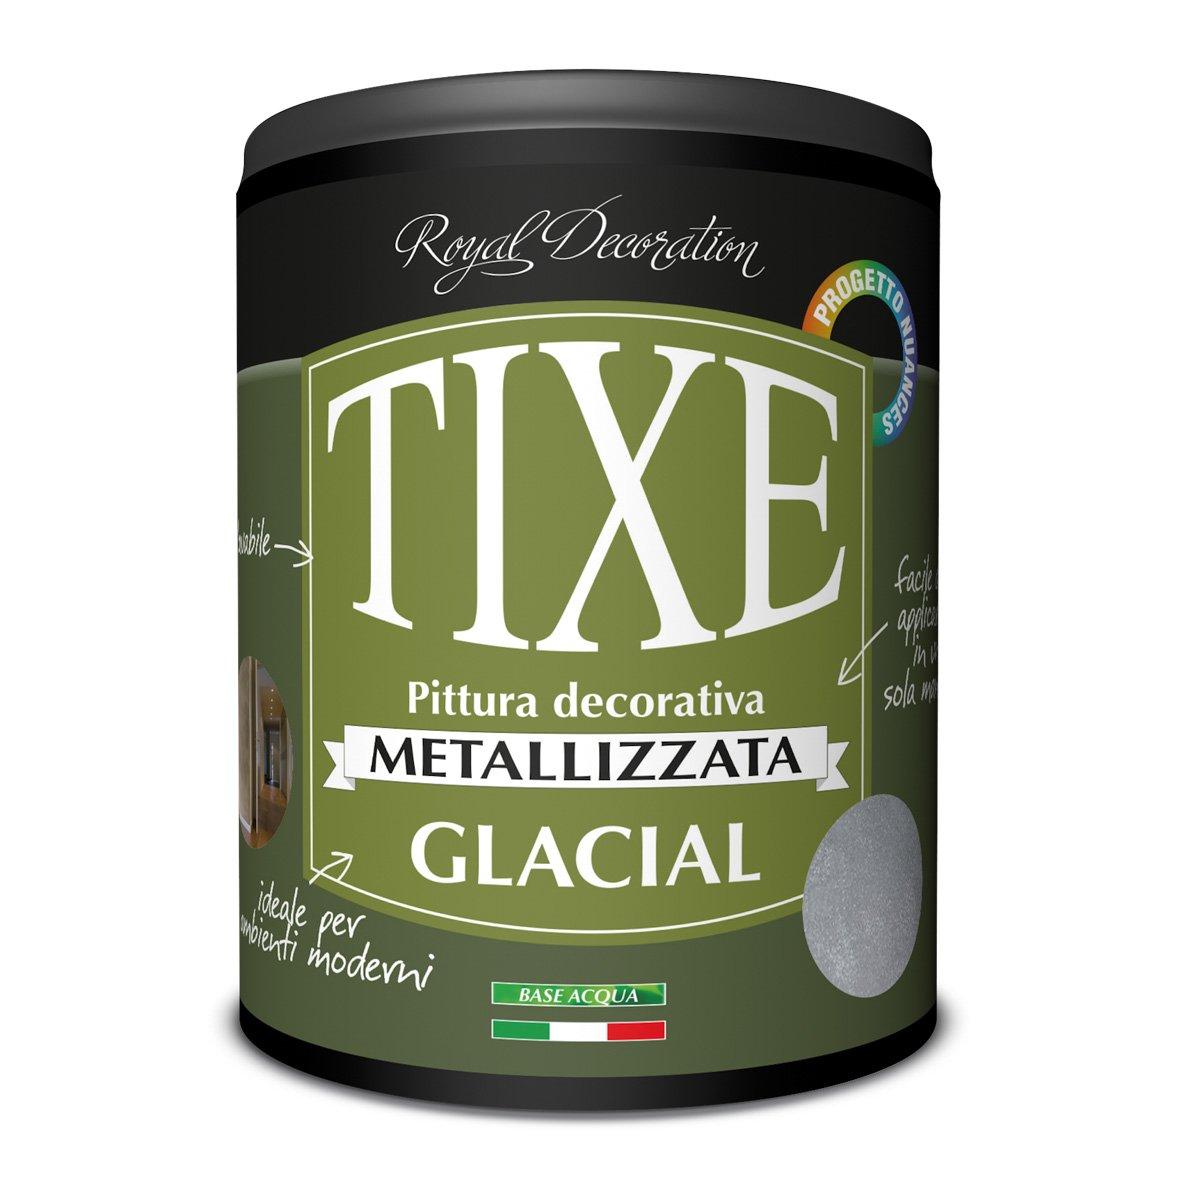 Tixe 623802 Glacial Finitura Decorativa Effetto Metallizzato, Vernice, Oro, 10 X 10 X 20 Cm